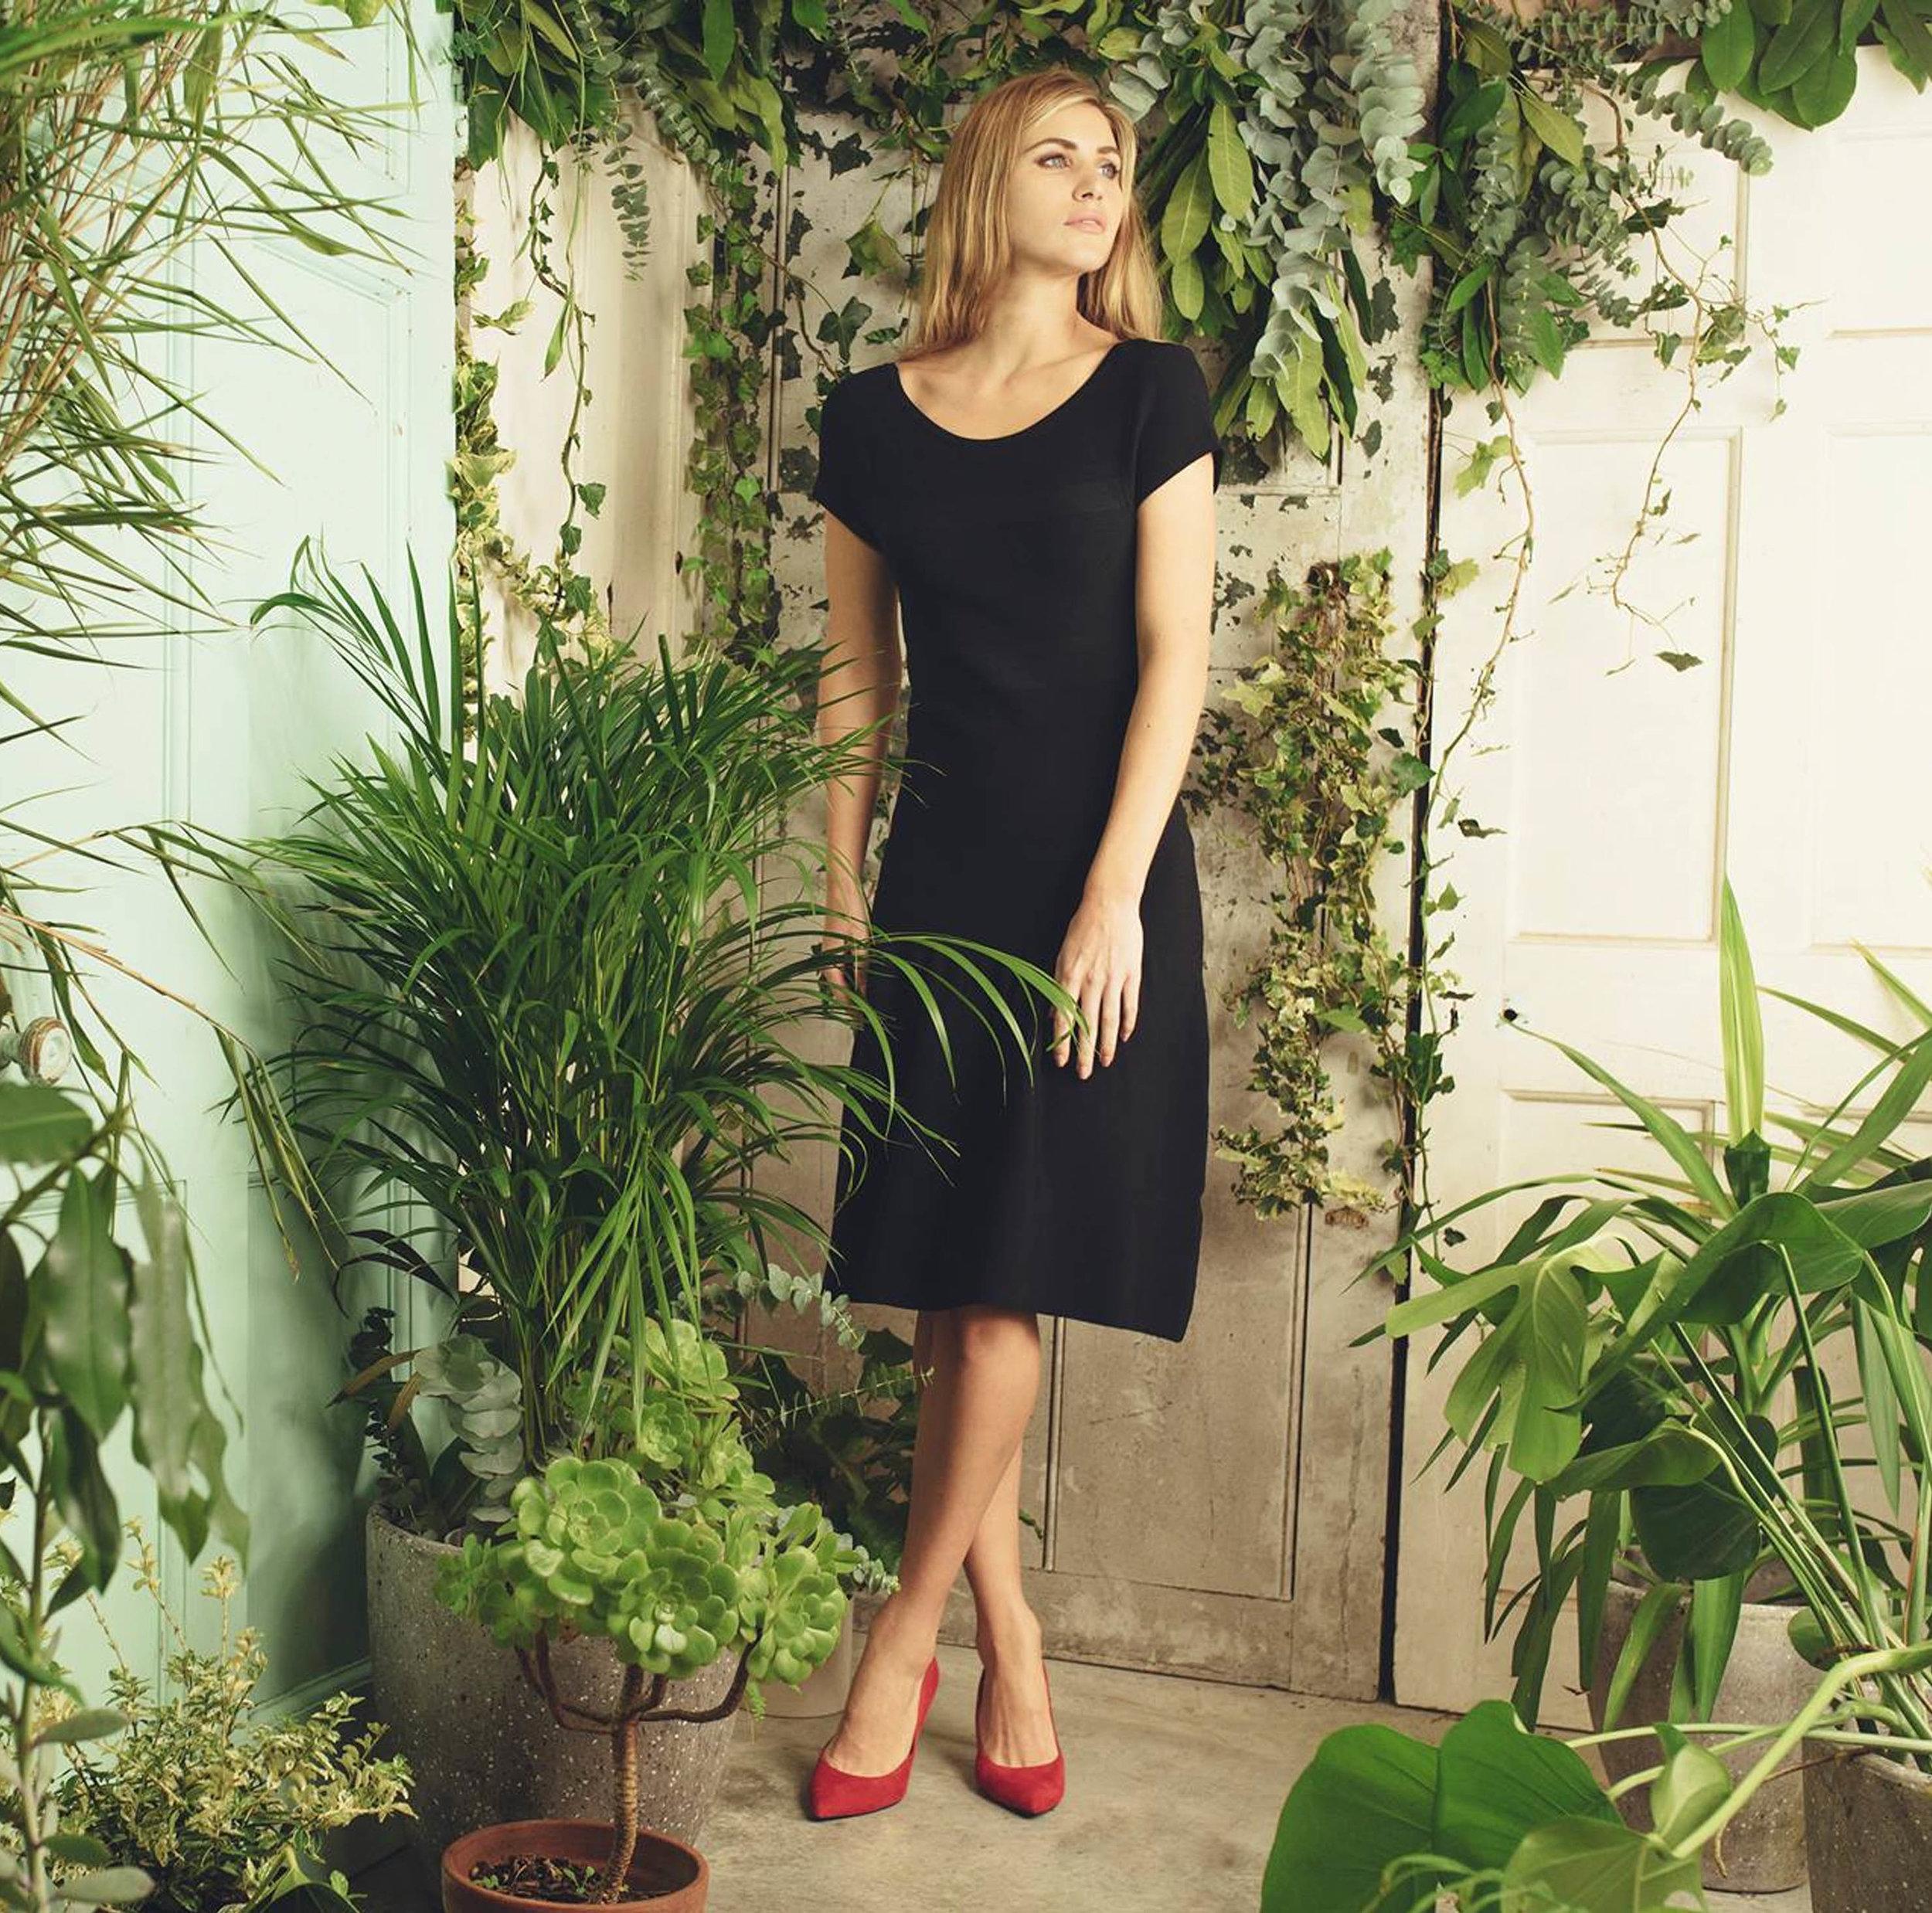 Cara Footwear Brand Image.jpg